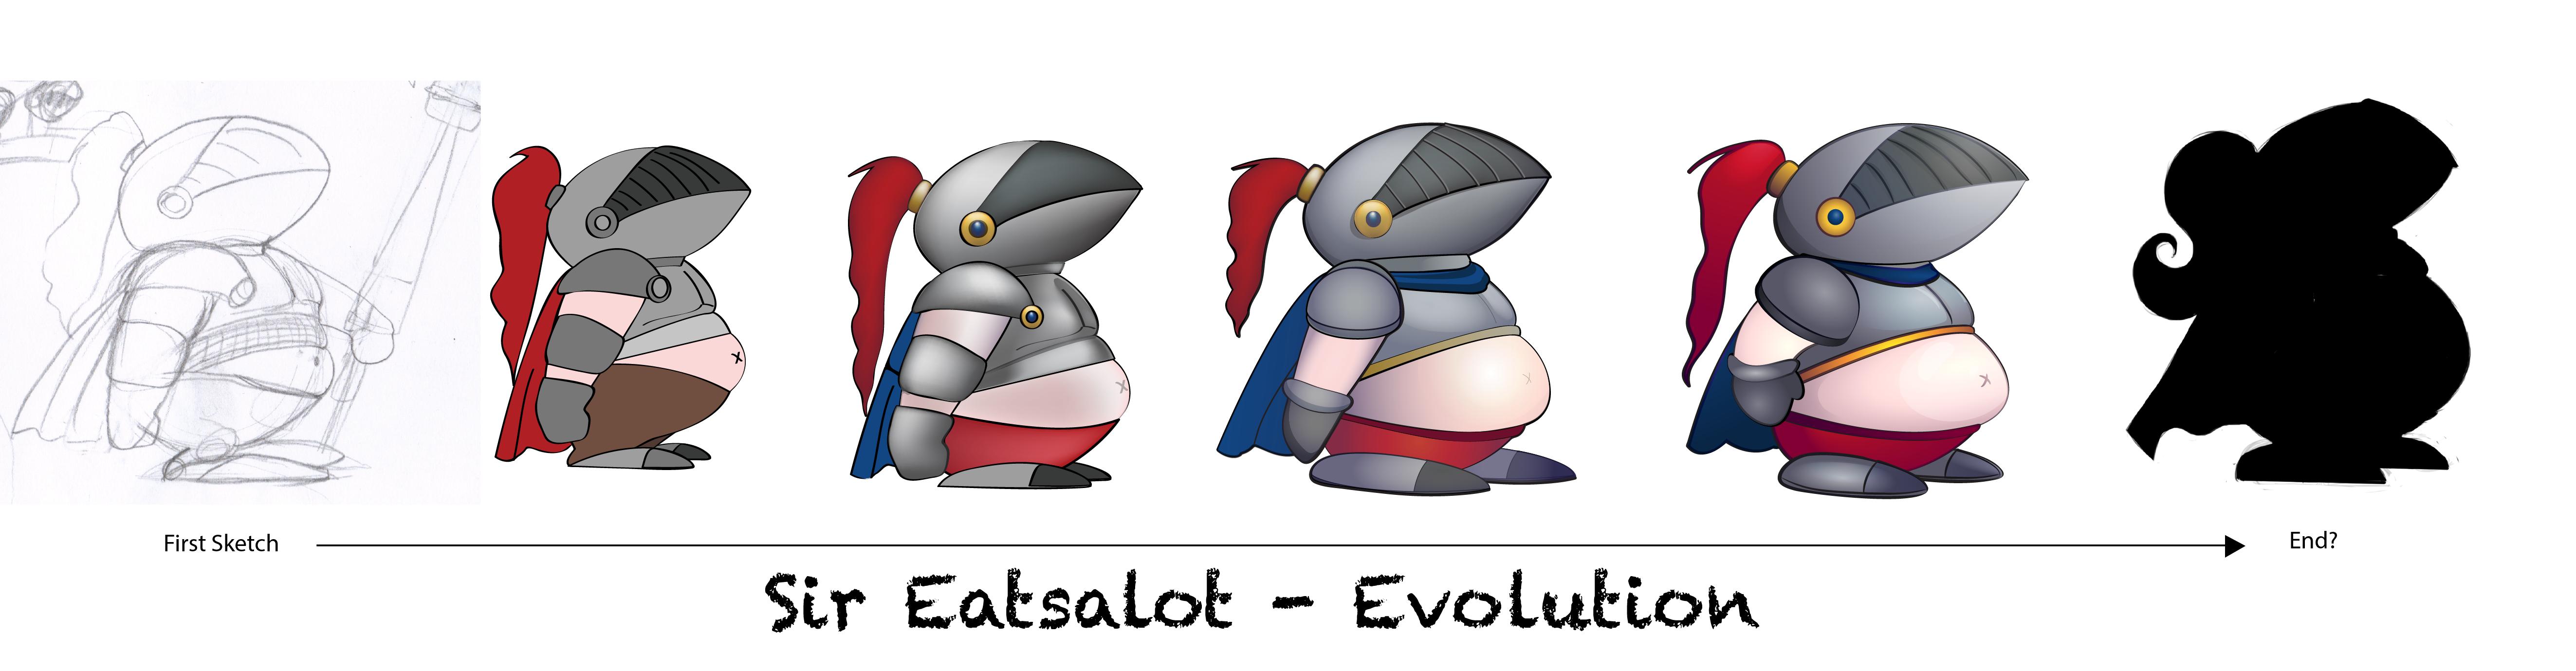 SirEatsalot_Evolution